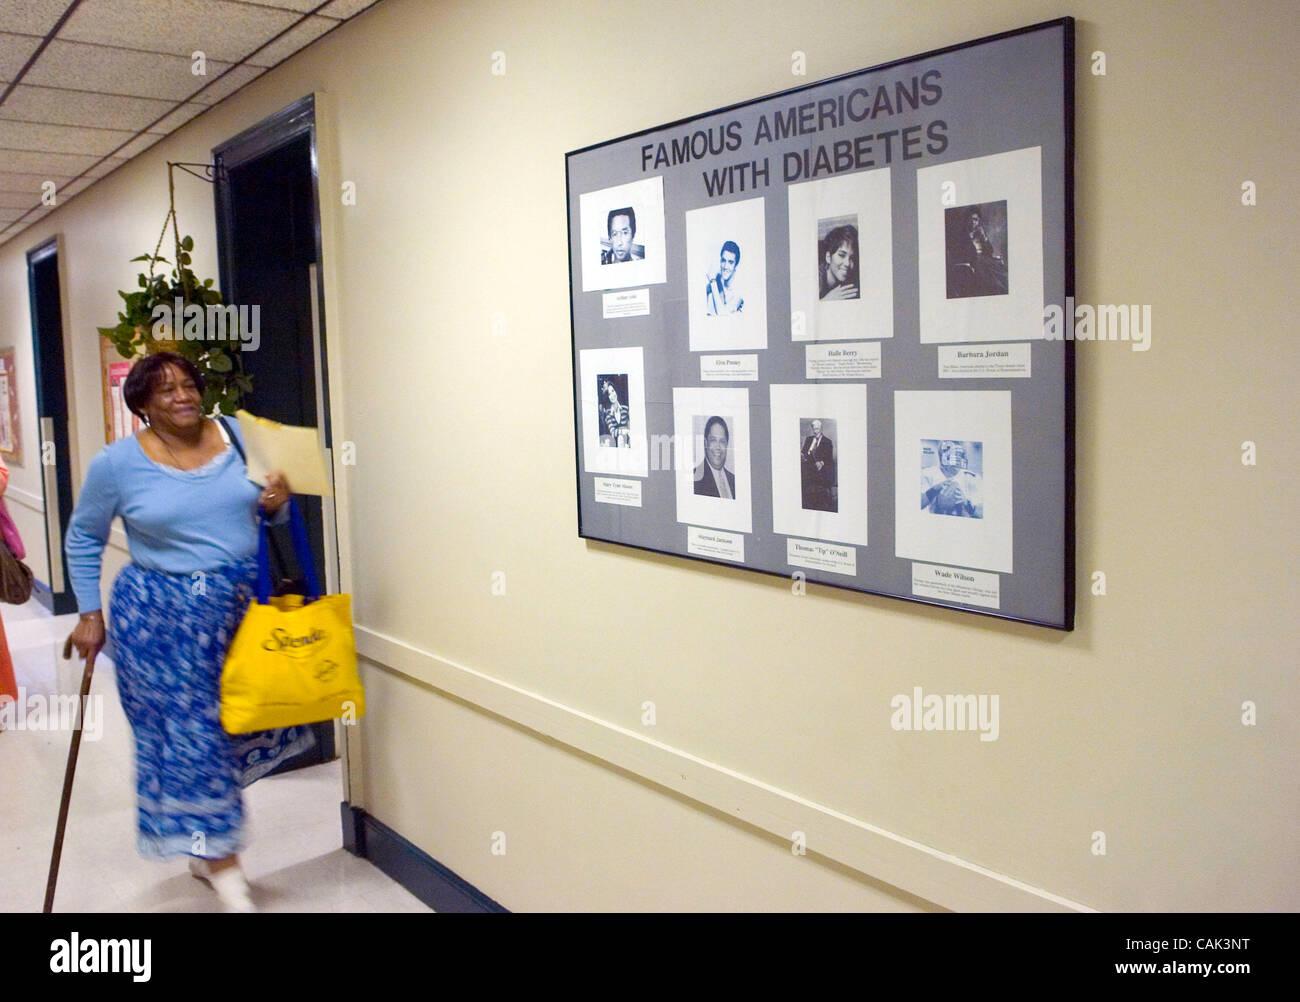 ATLANTA, GA - 20 settembre: paziente del diabete Arnita Dyer passeggiate attraverso il corridoio del diabete clinic Immagini Stock